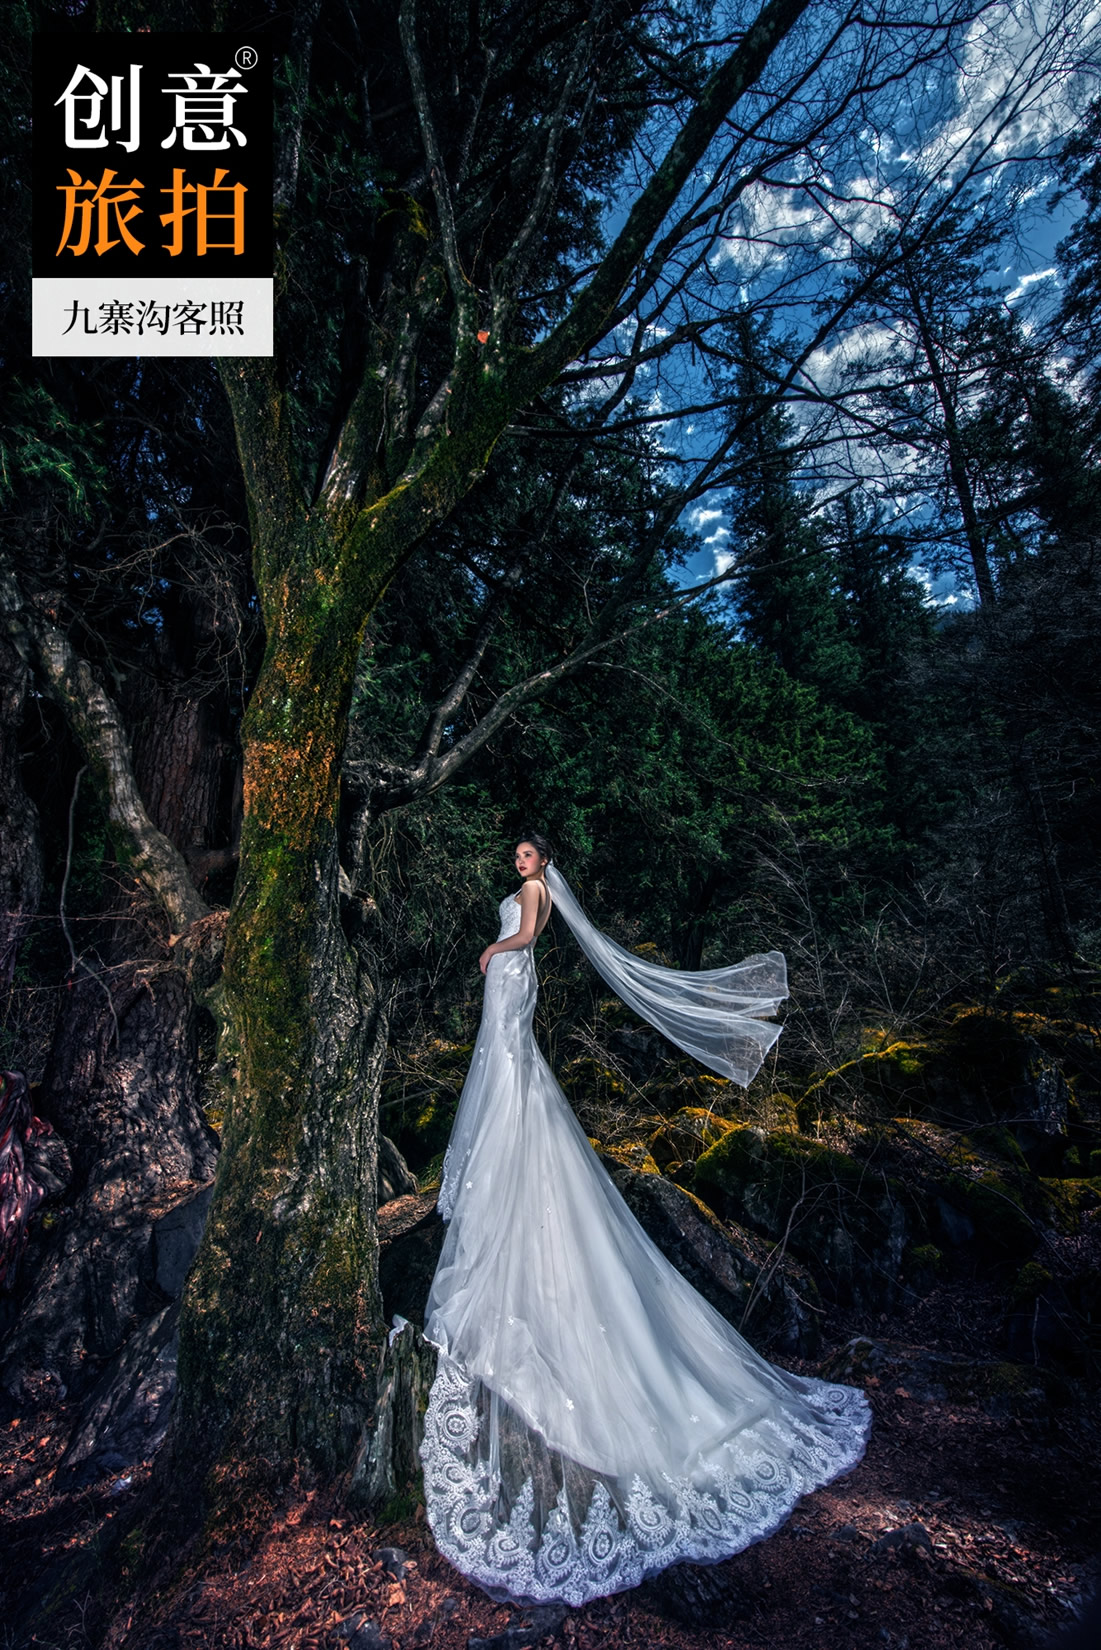 九寨客照 - 旅拍客照集合 - 古攝影婚紗藝術-古攝影成都婚紗攝影藝術攝影網